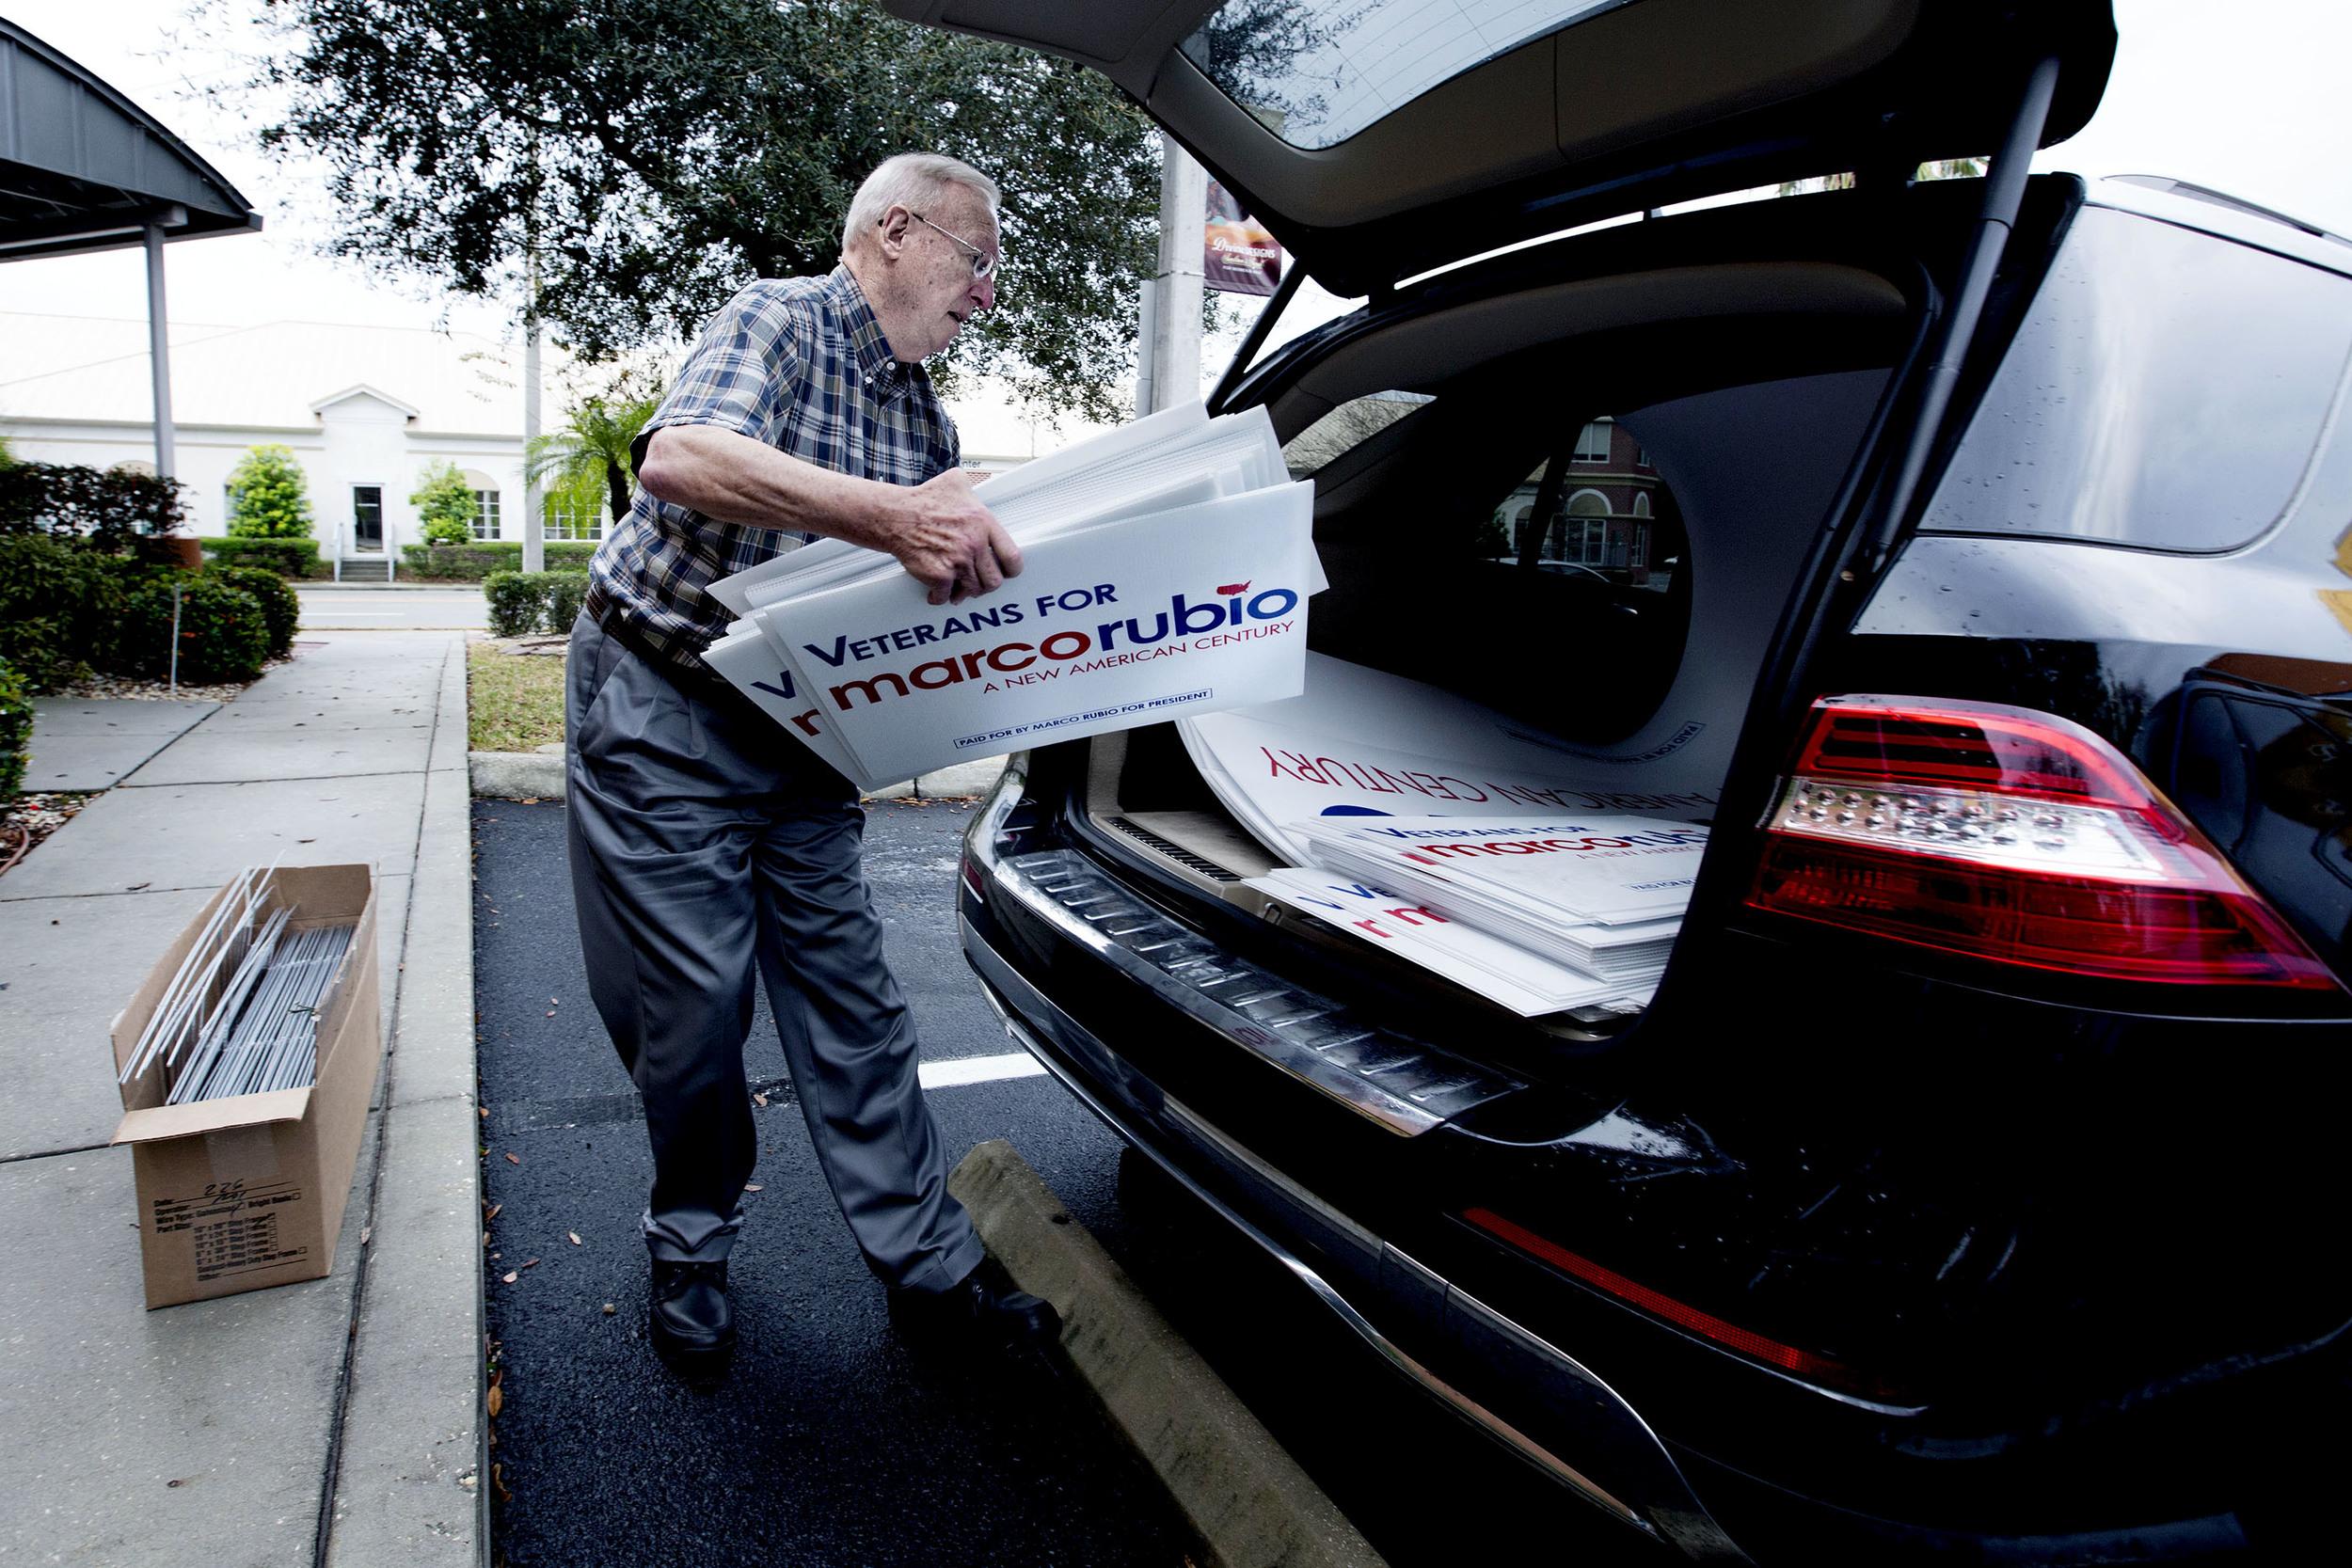 Det är dagen före primärvalet i Florida och Vietnamveteranen Chris Hart lastar sin bil full med Marco Rubio-skyltar.